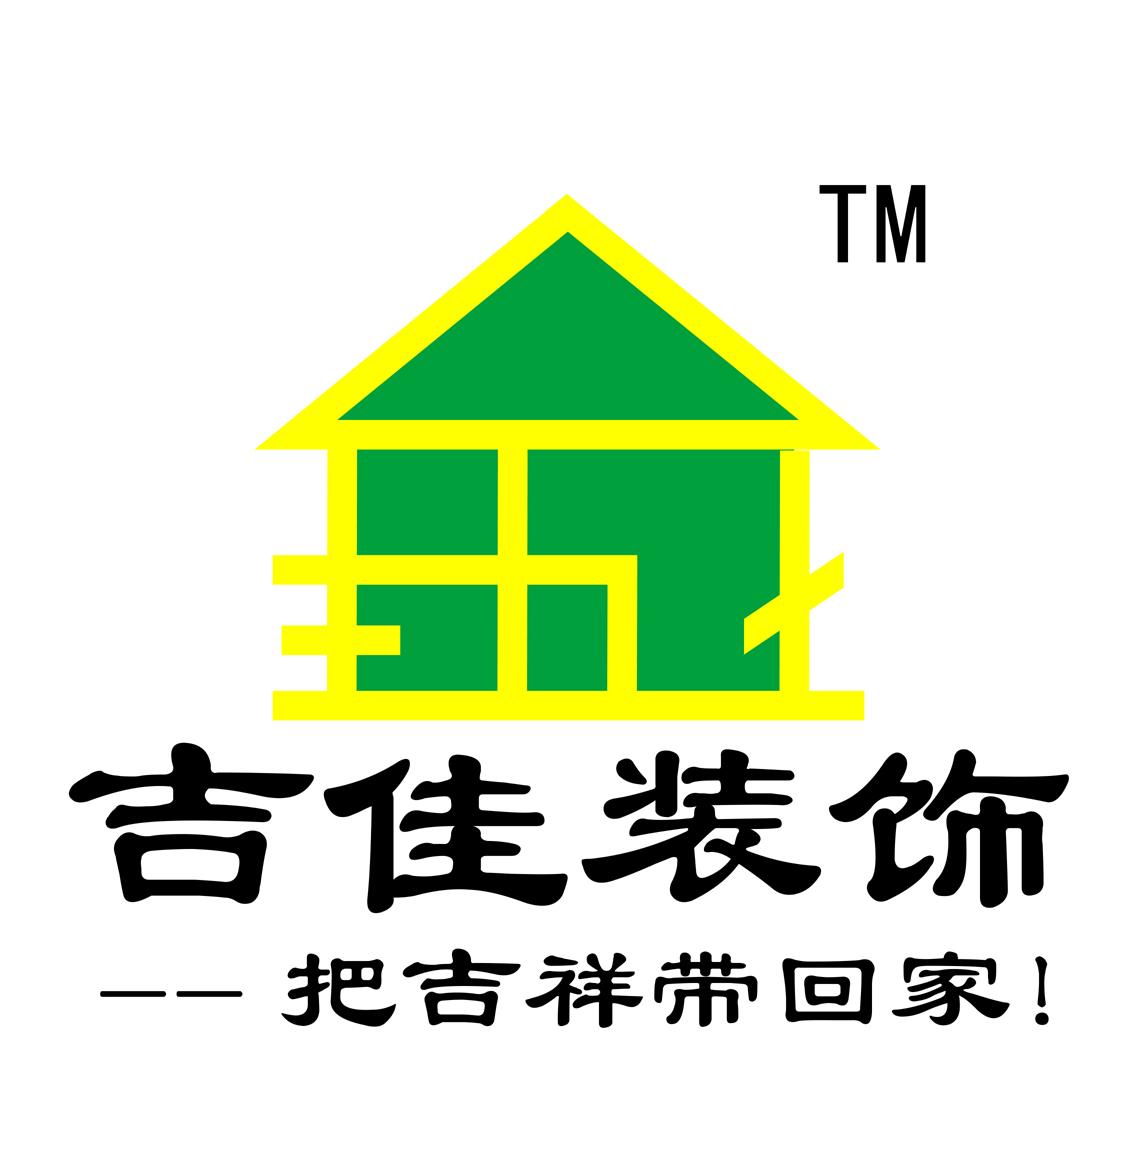 logo logo 标志 设计 矢量 矢量图 素材 图标 1146_1164